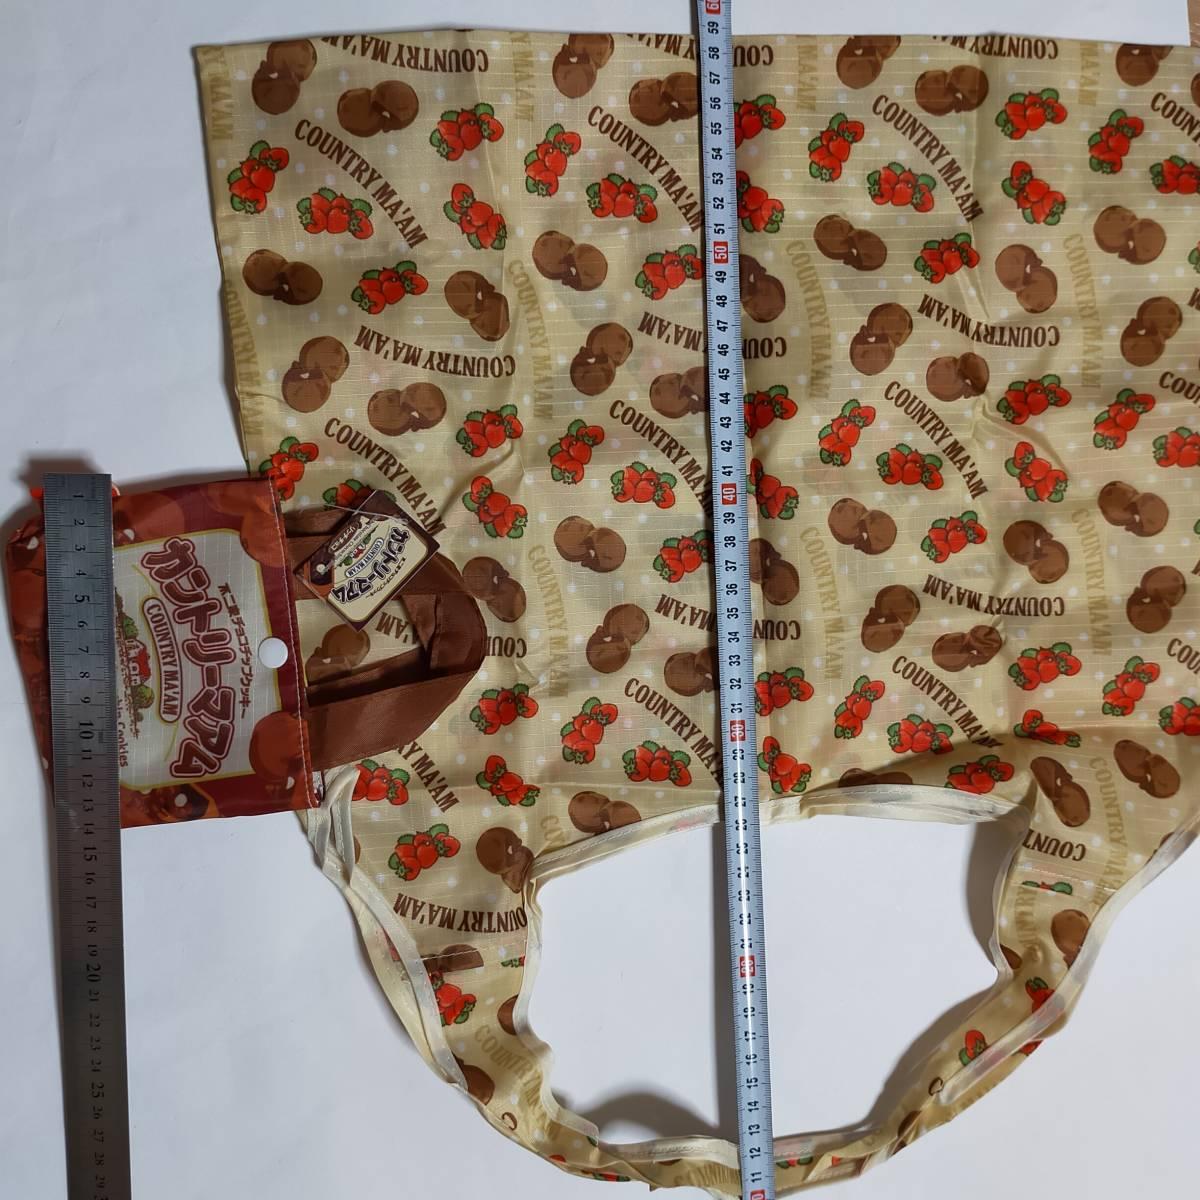 エコバッグ クッキー柄 カントリーマアム お菓子の柄 鞄 エコバッグ トートバッグ 鞄 バッグ エコバ かばん バッグ カバン